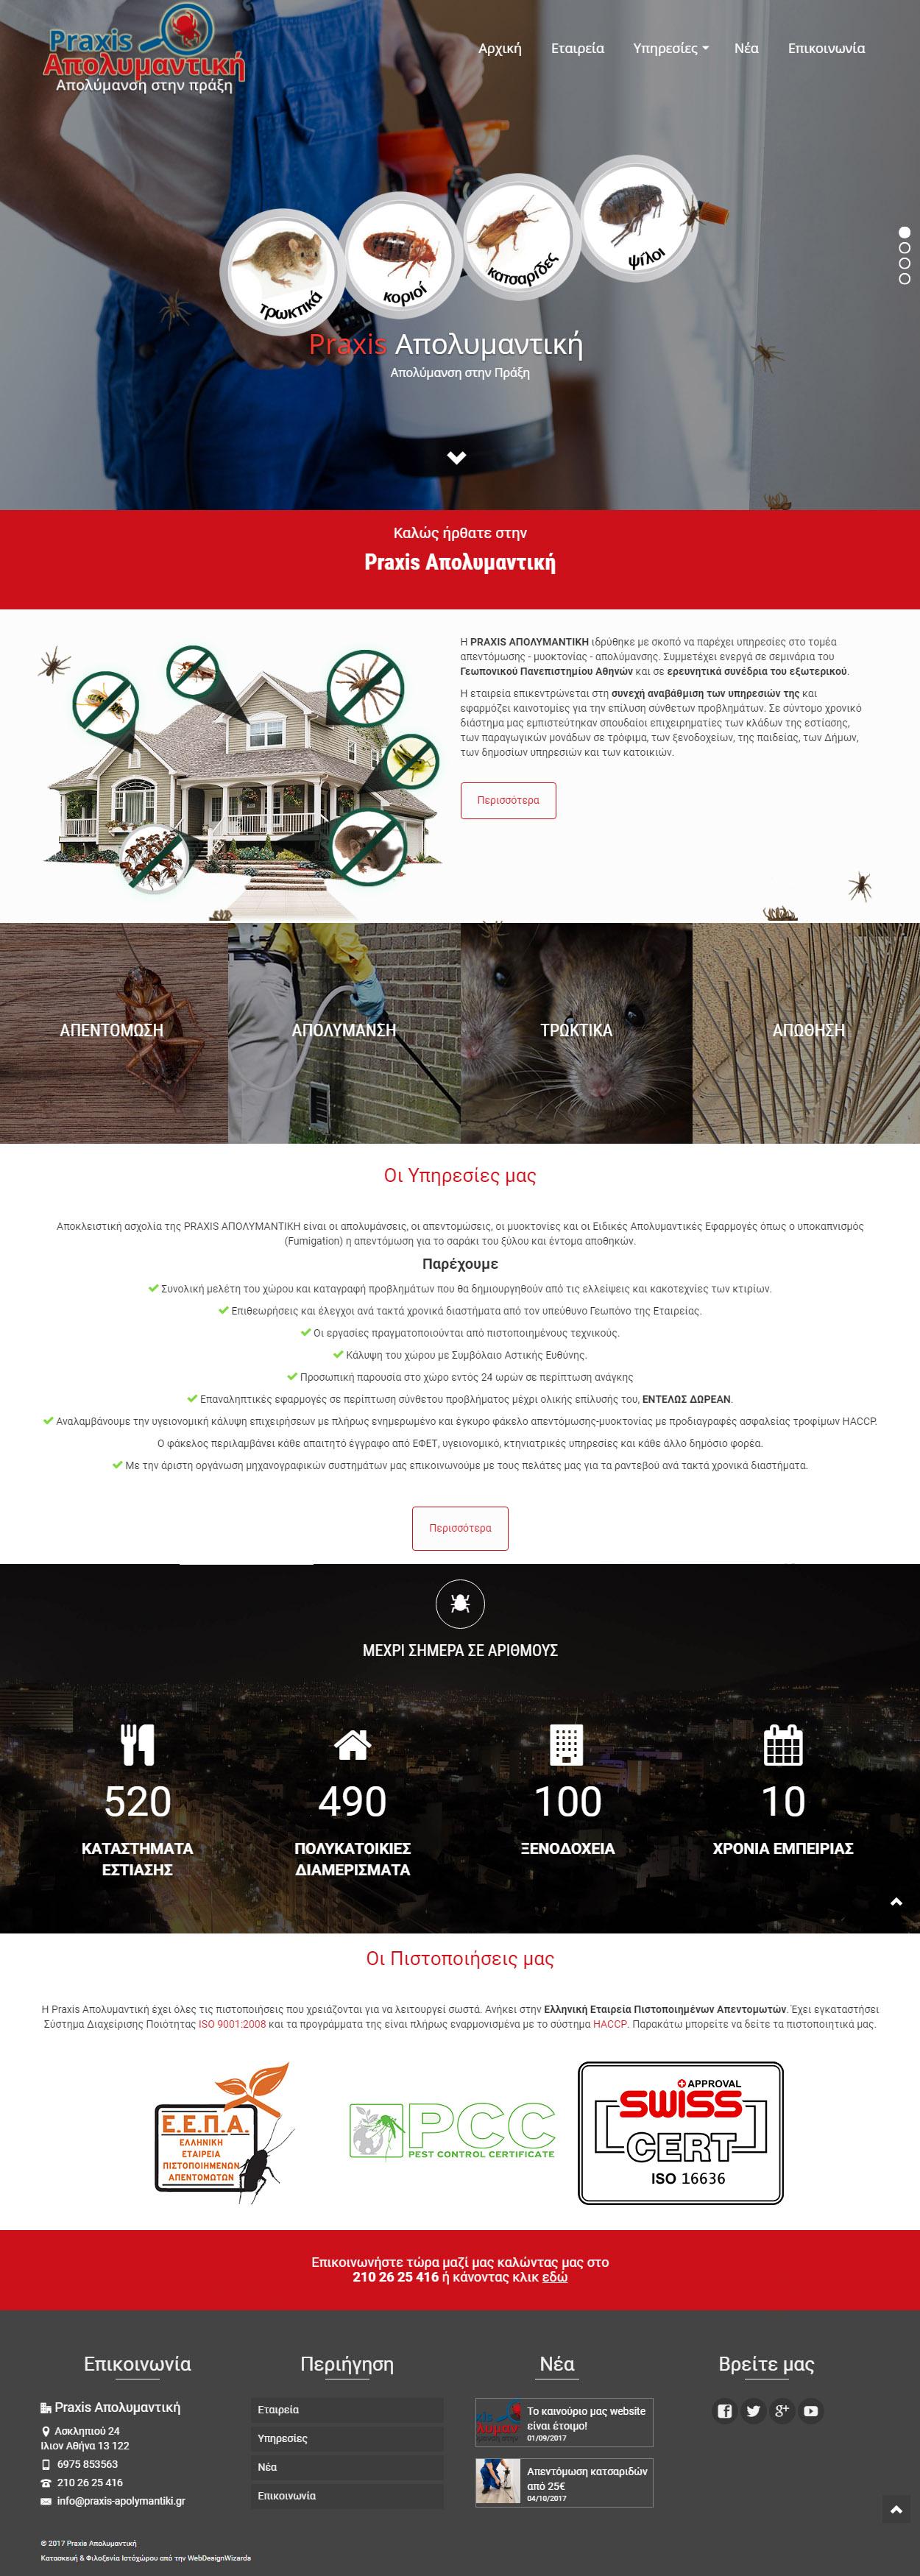 Website Ιστοχώρος Praxis Απολυμαντική